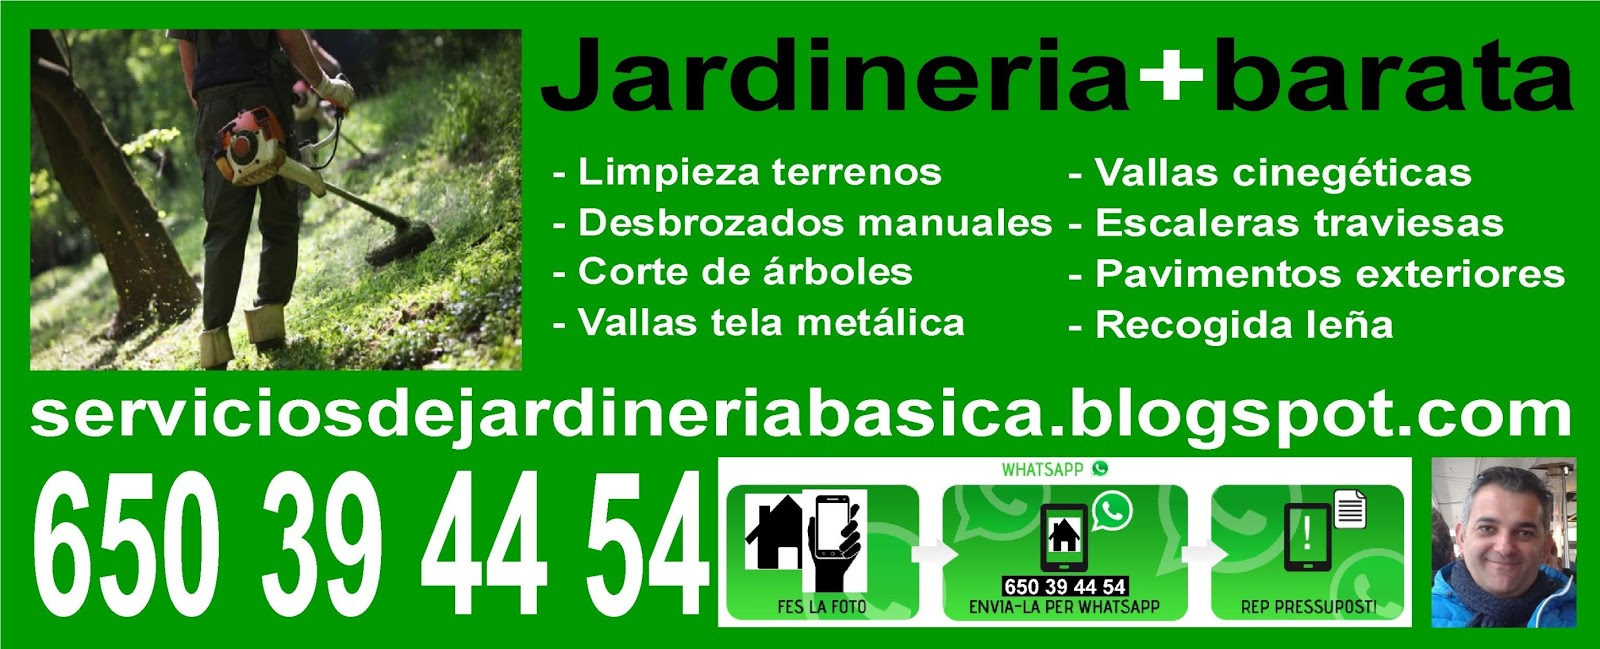 Serviciosdejardineriabasica - Servicios de jardineria ...